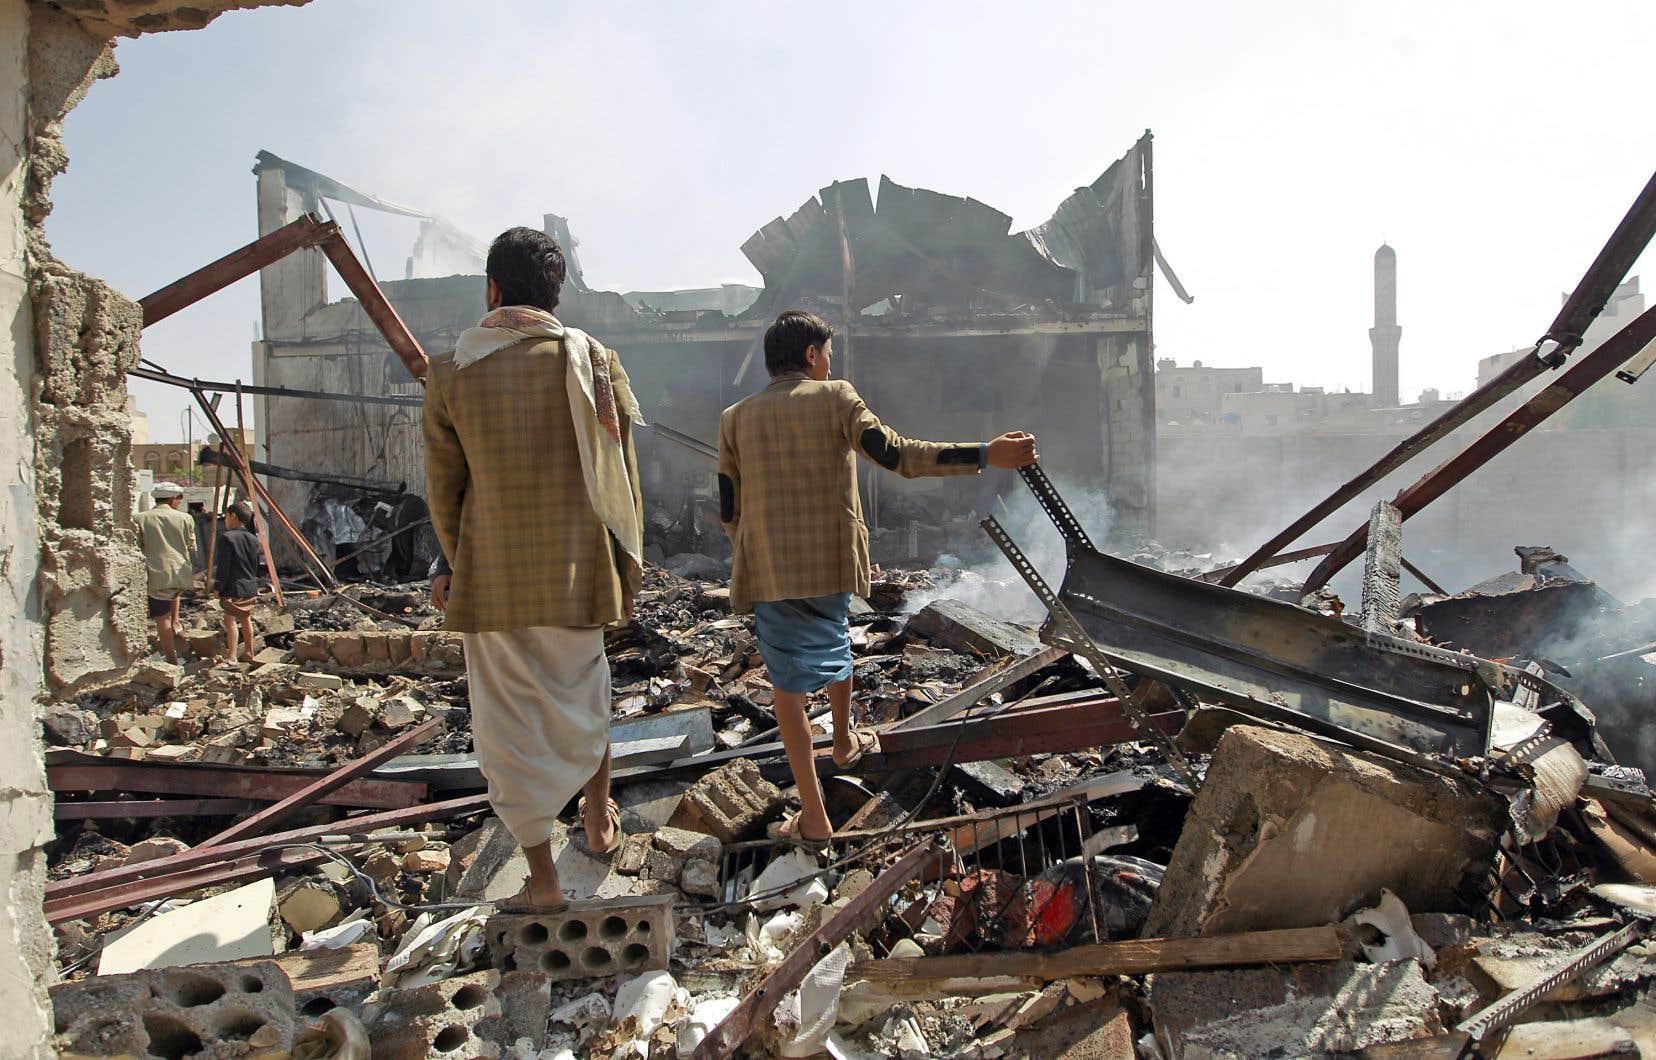 Des travailleurs yéménites regardent la chocolaterie détruite par une attaque aérienne menée par l'armée saoudienne en septembre 2015 dans la capitale Sanaa.